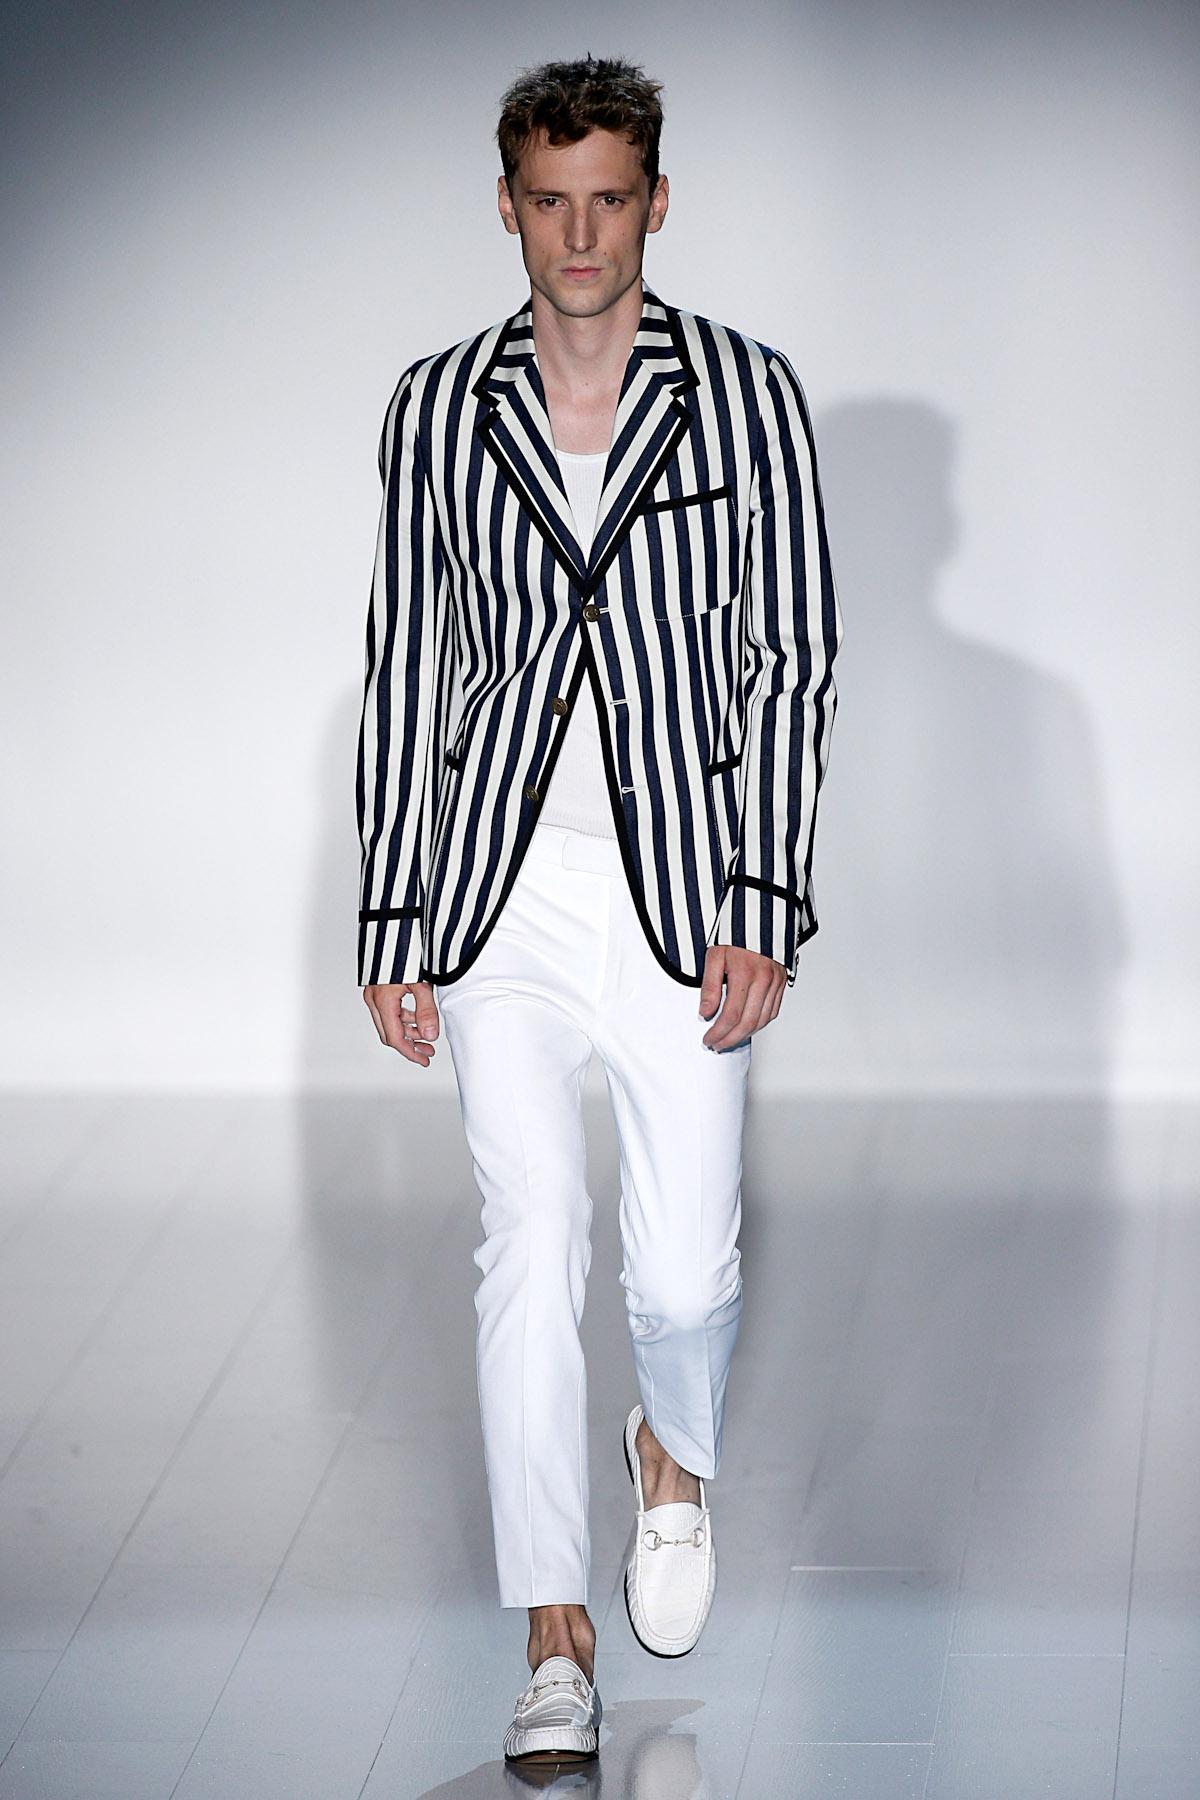 Milan Fashion Week June